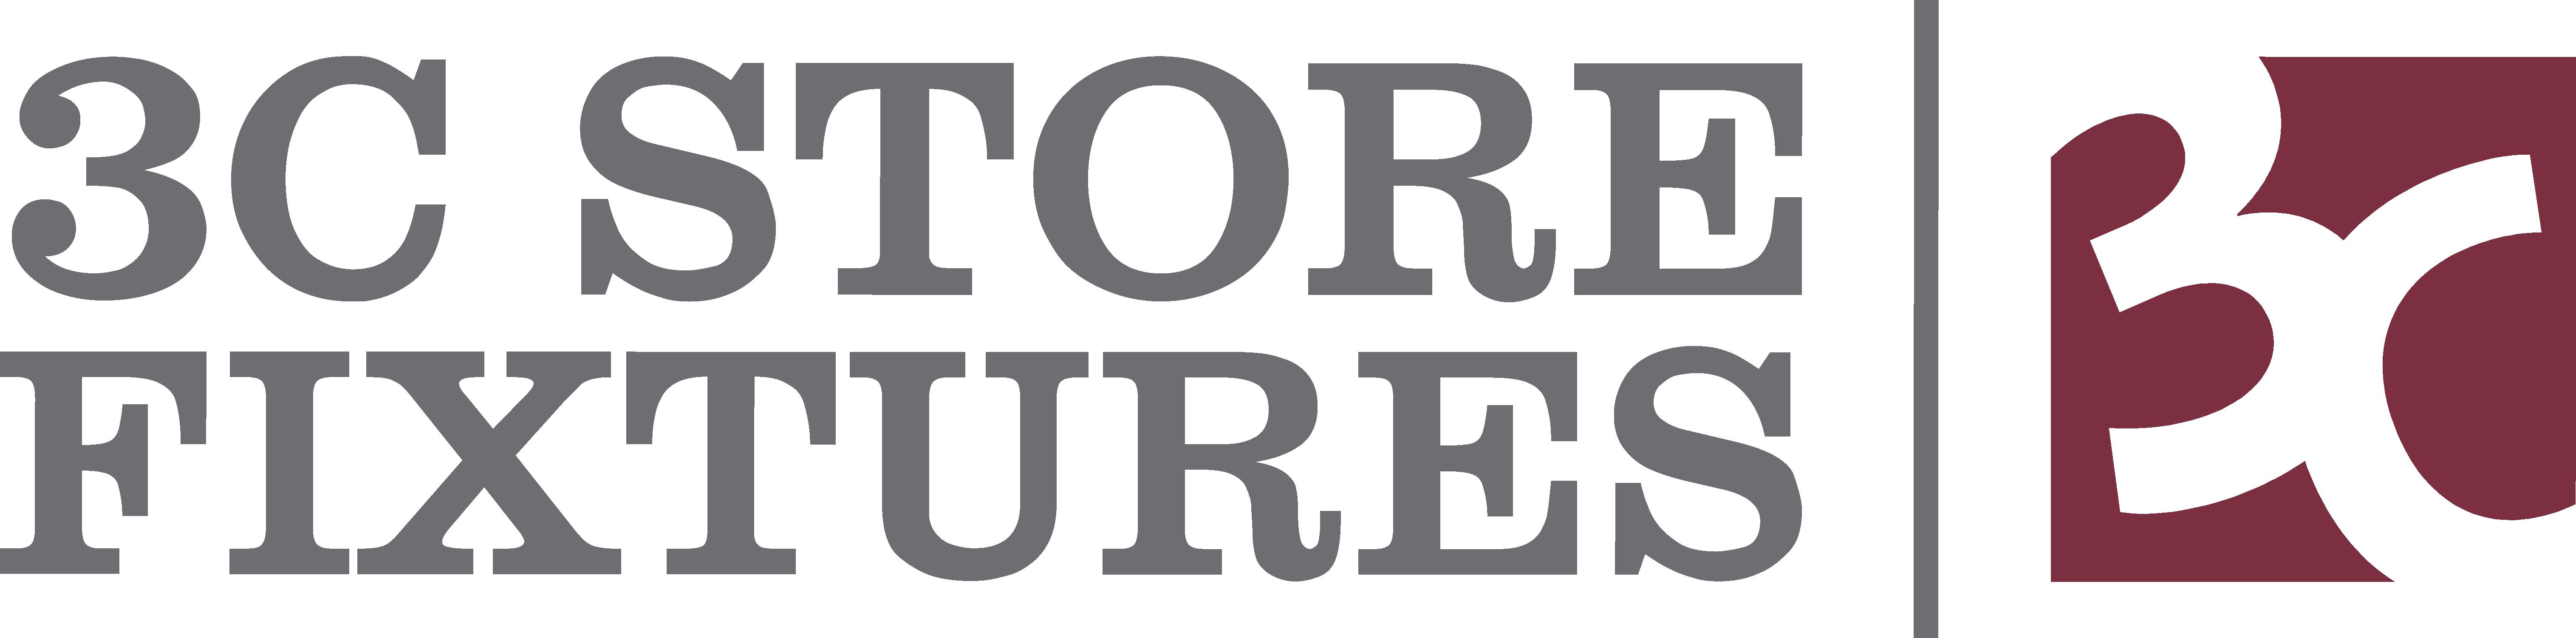 3C Store Fixtures logo.